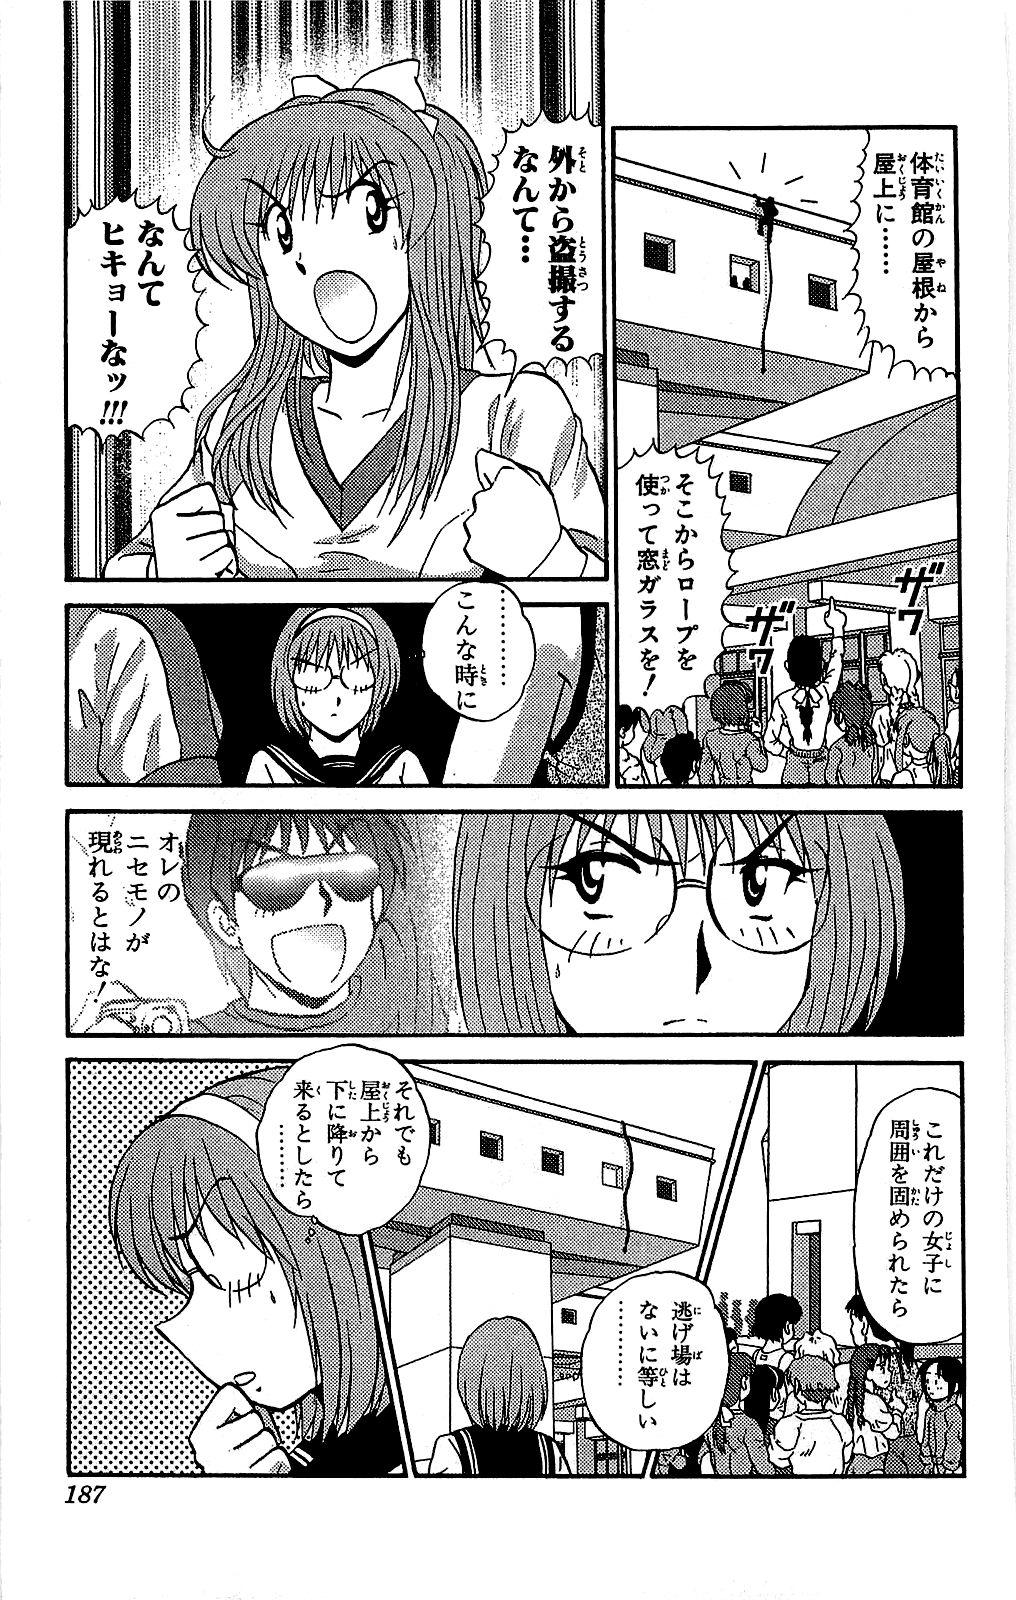 Miracle Make Yuuji 187